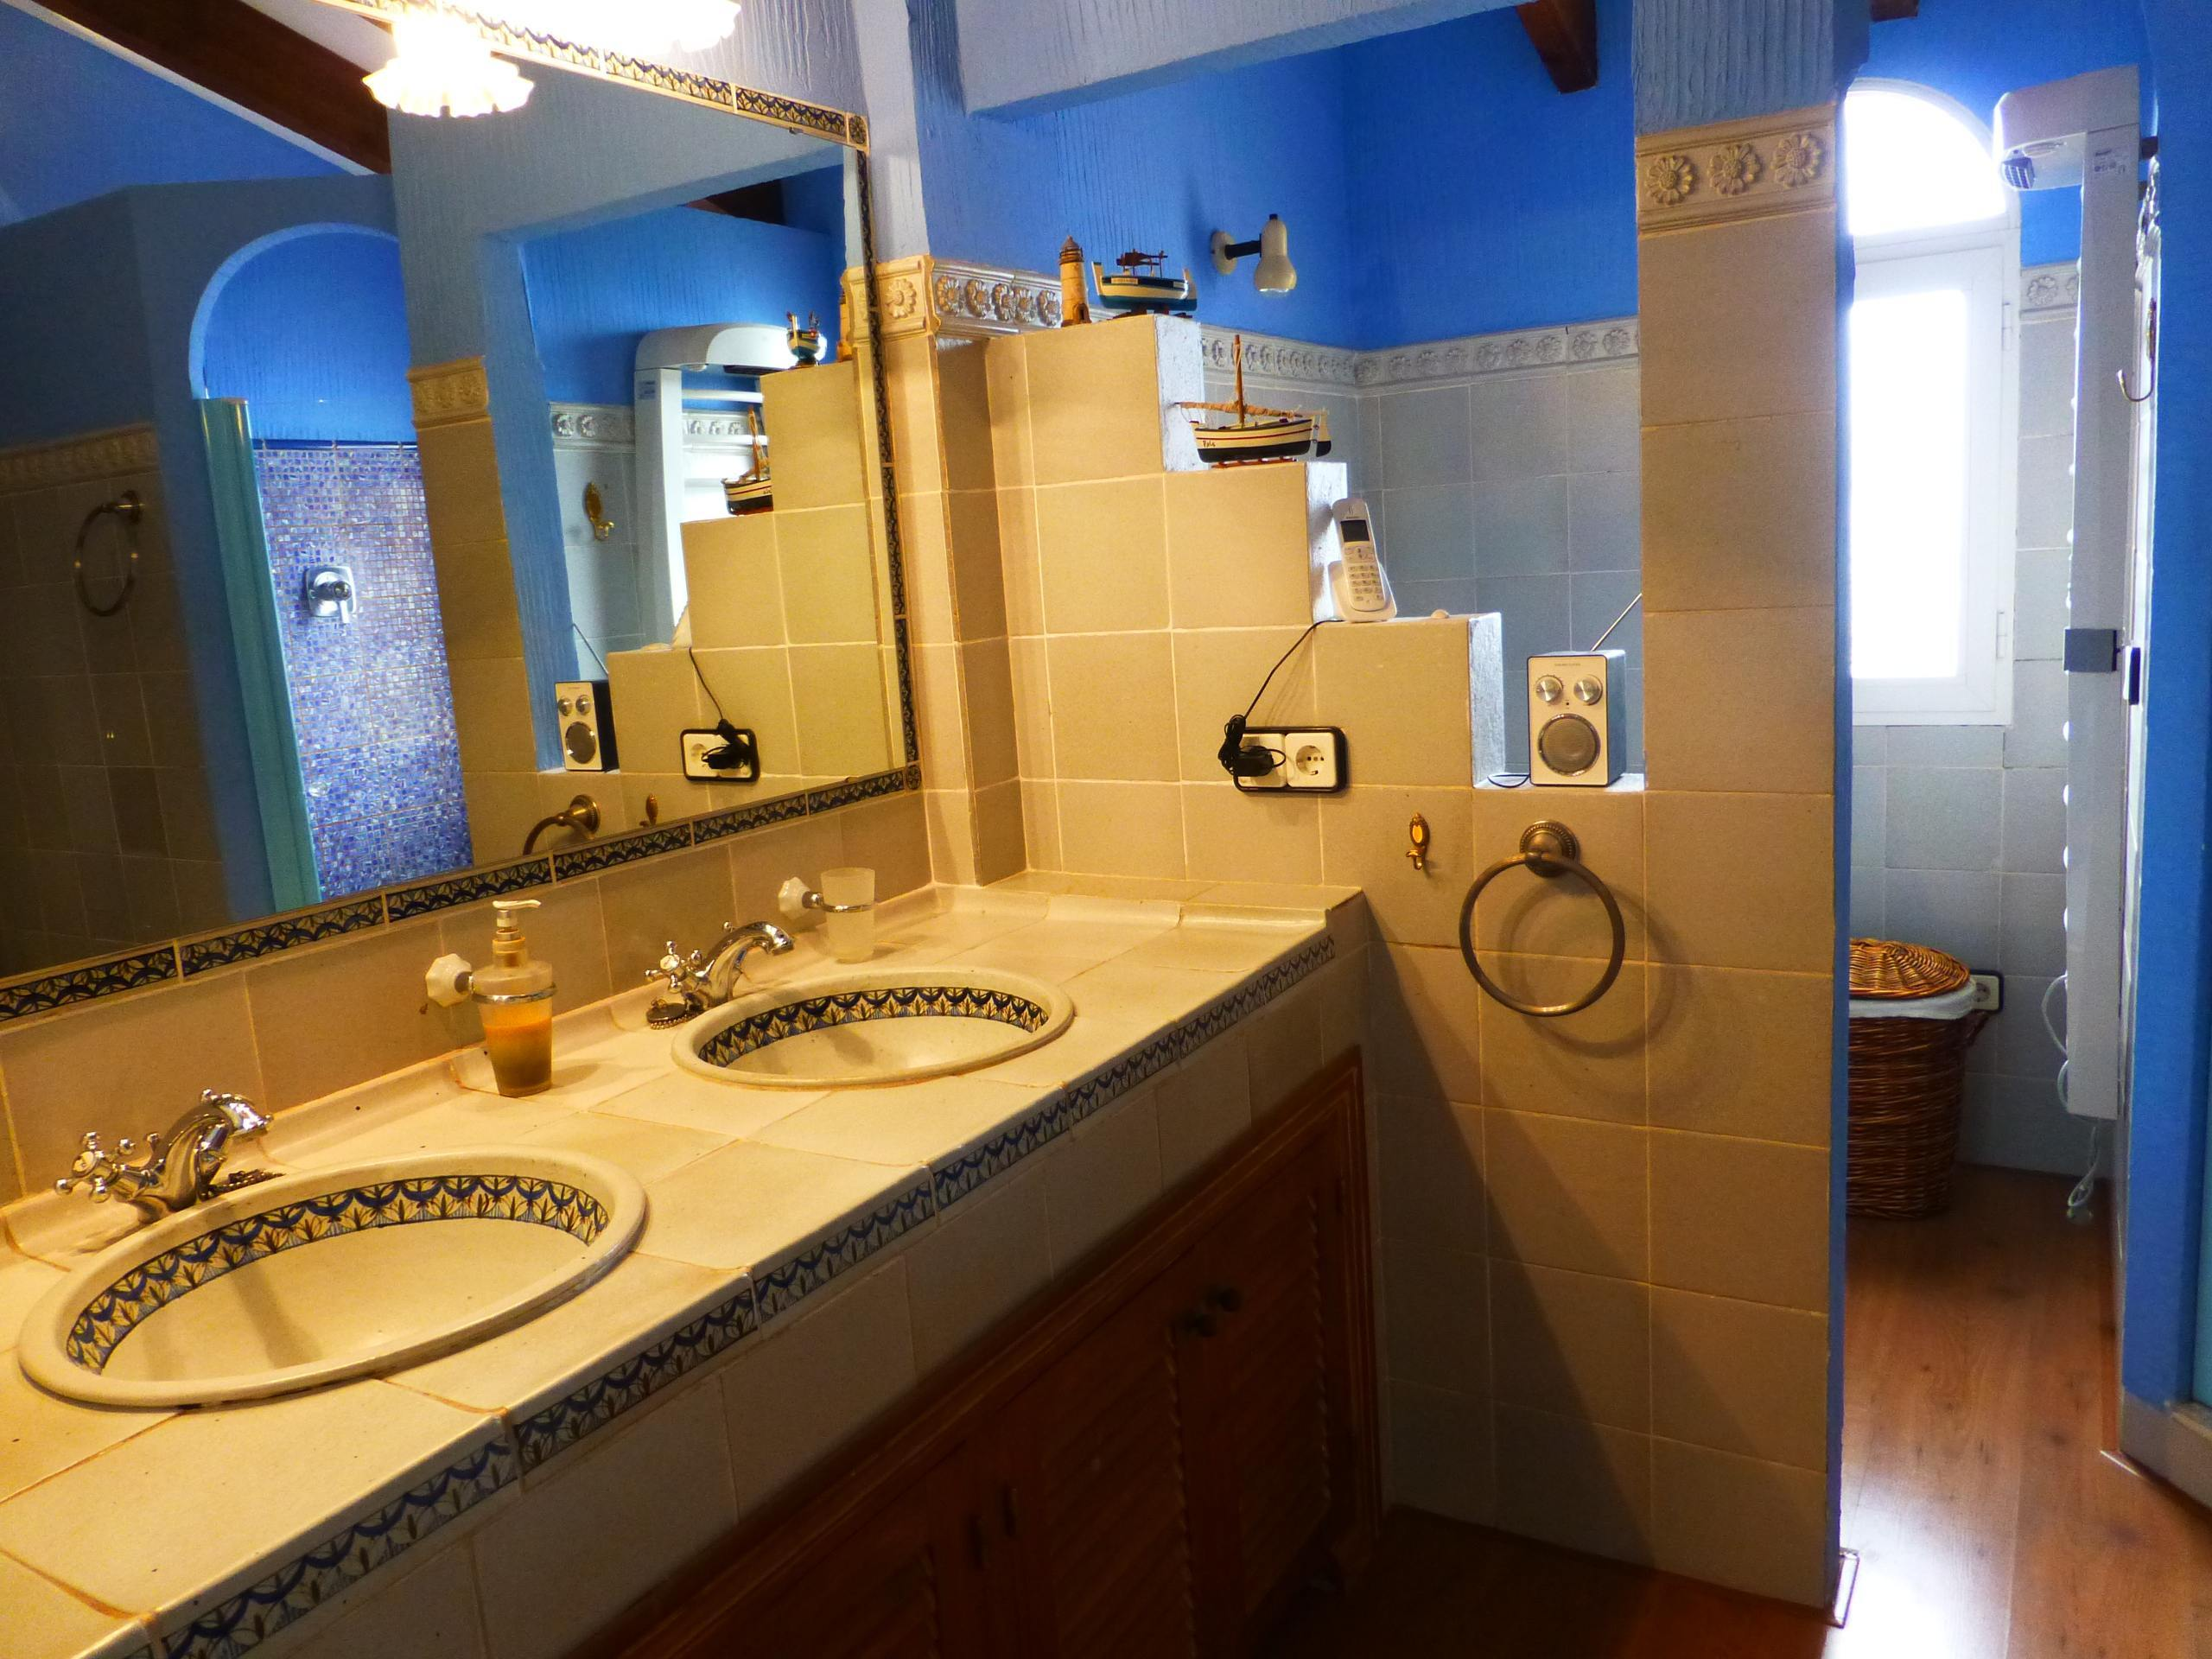 Chalet   Villa en venta en Benidorm, estilo rústico y buen estado